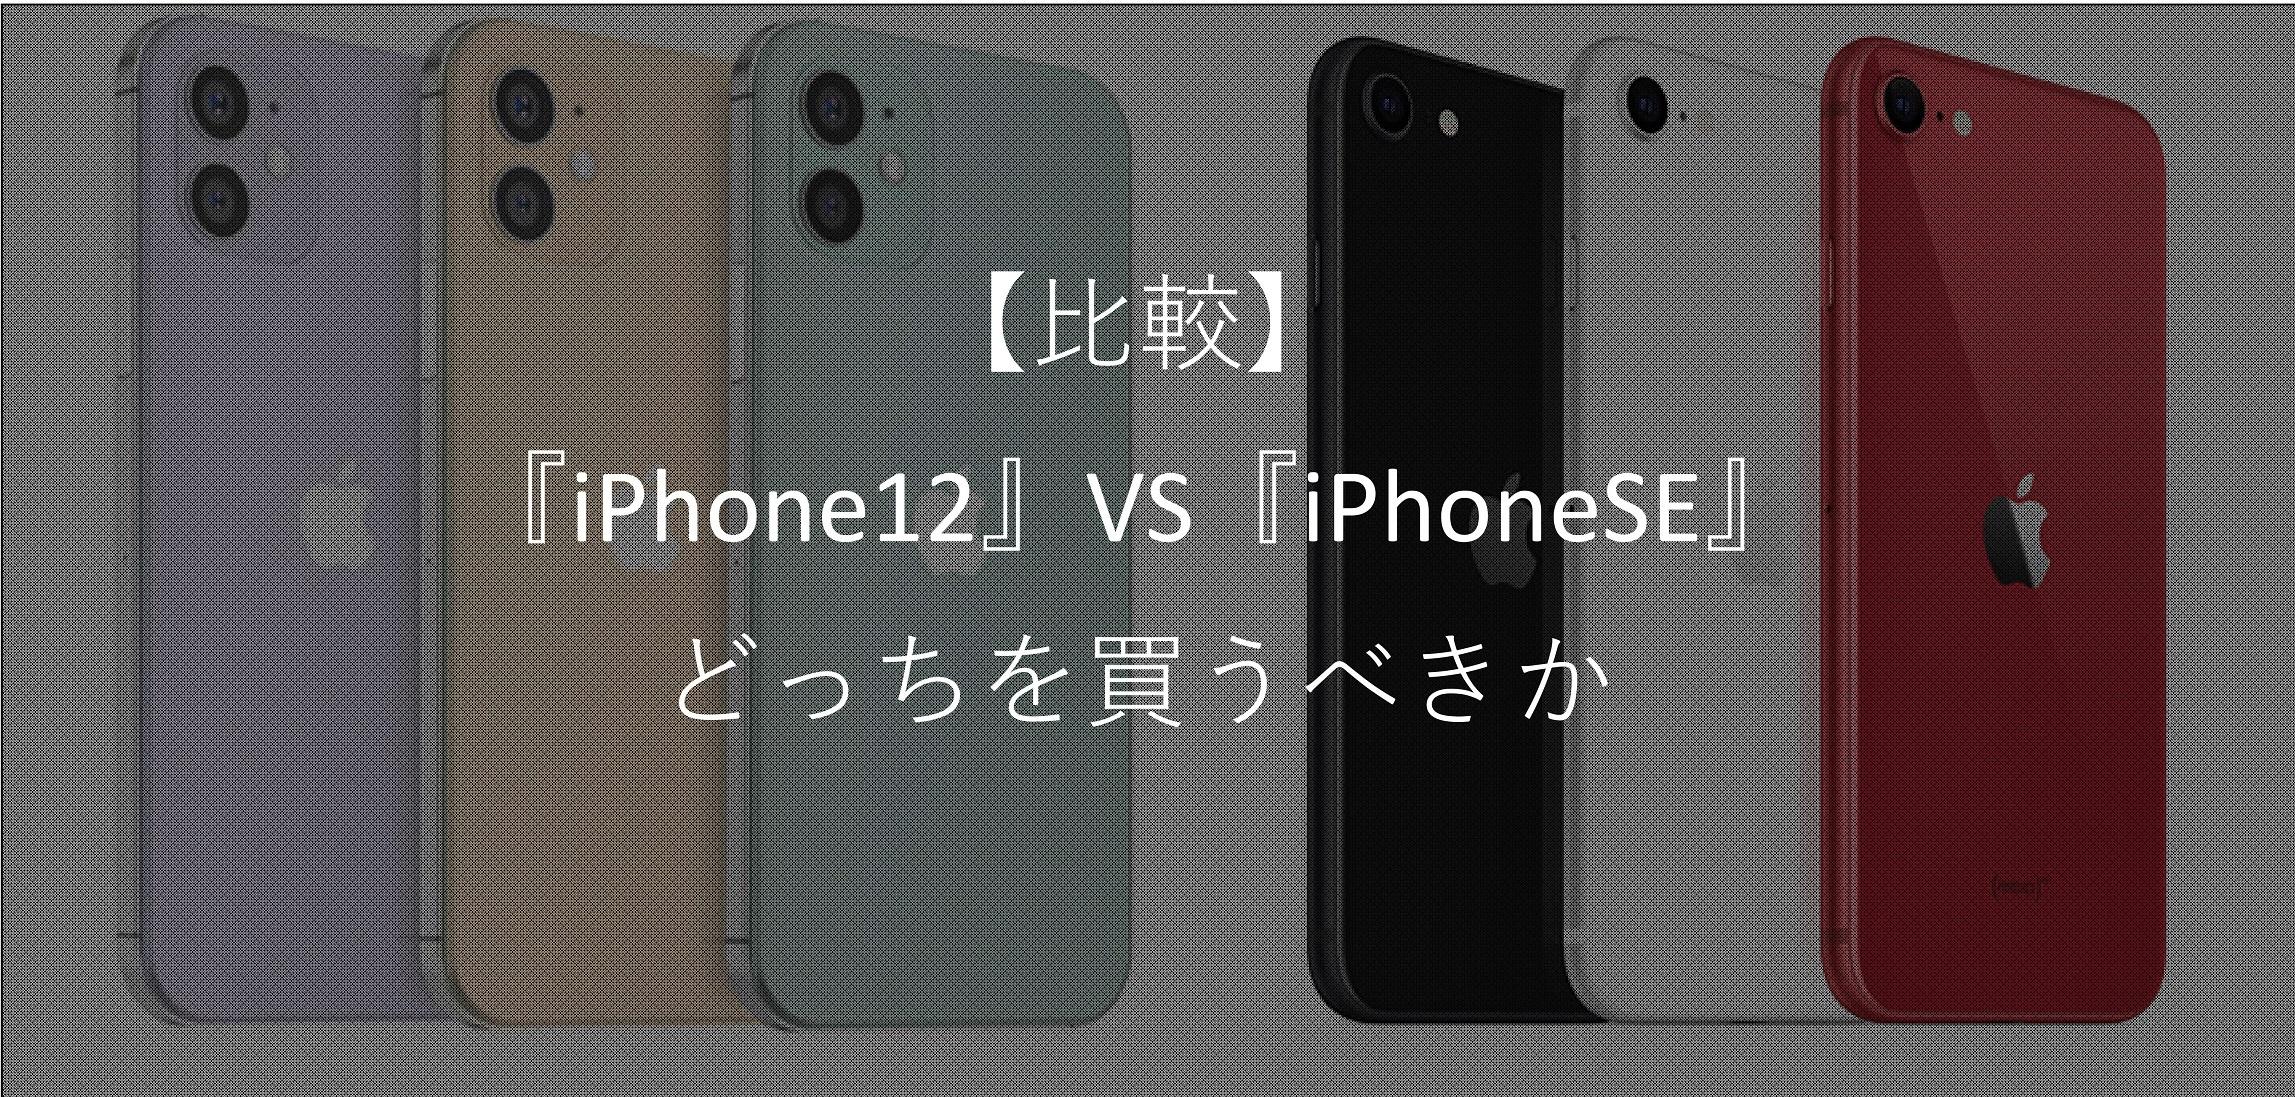 【比較】『iPhone12 mini』 VS 『iPhoneSE』買うならどっち?【向いている人を深堀り解説】